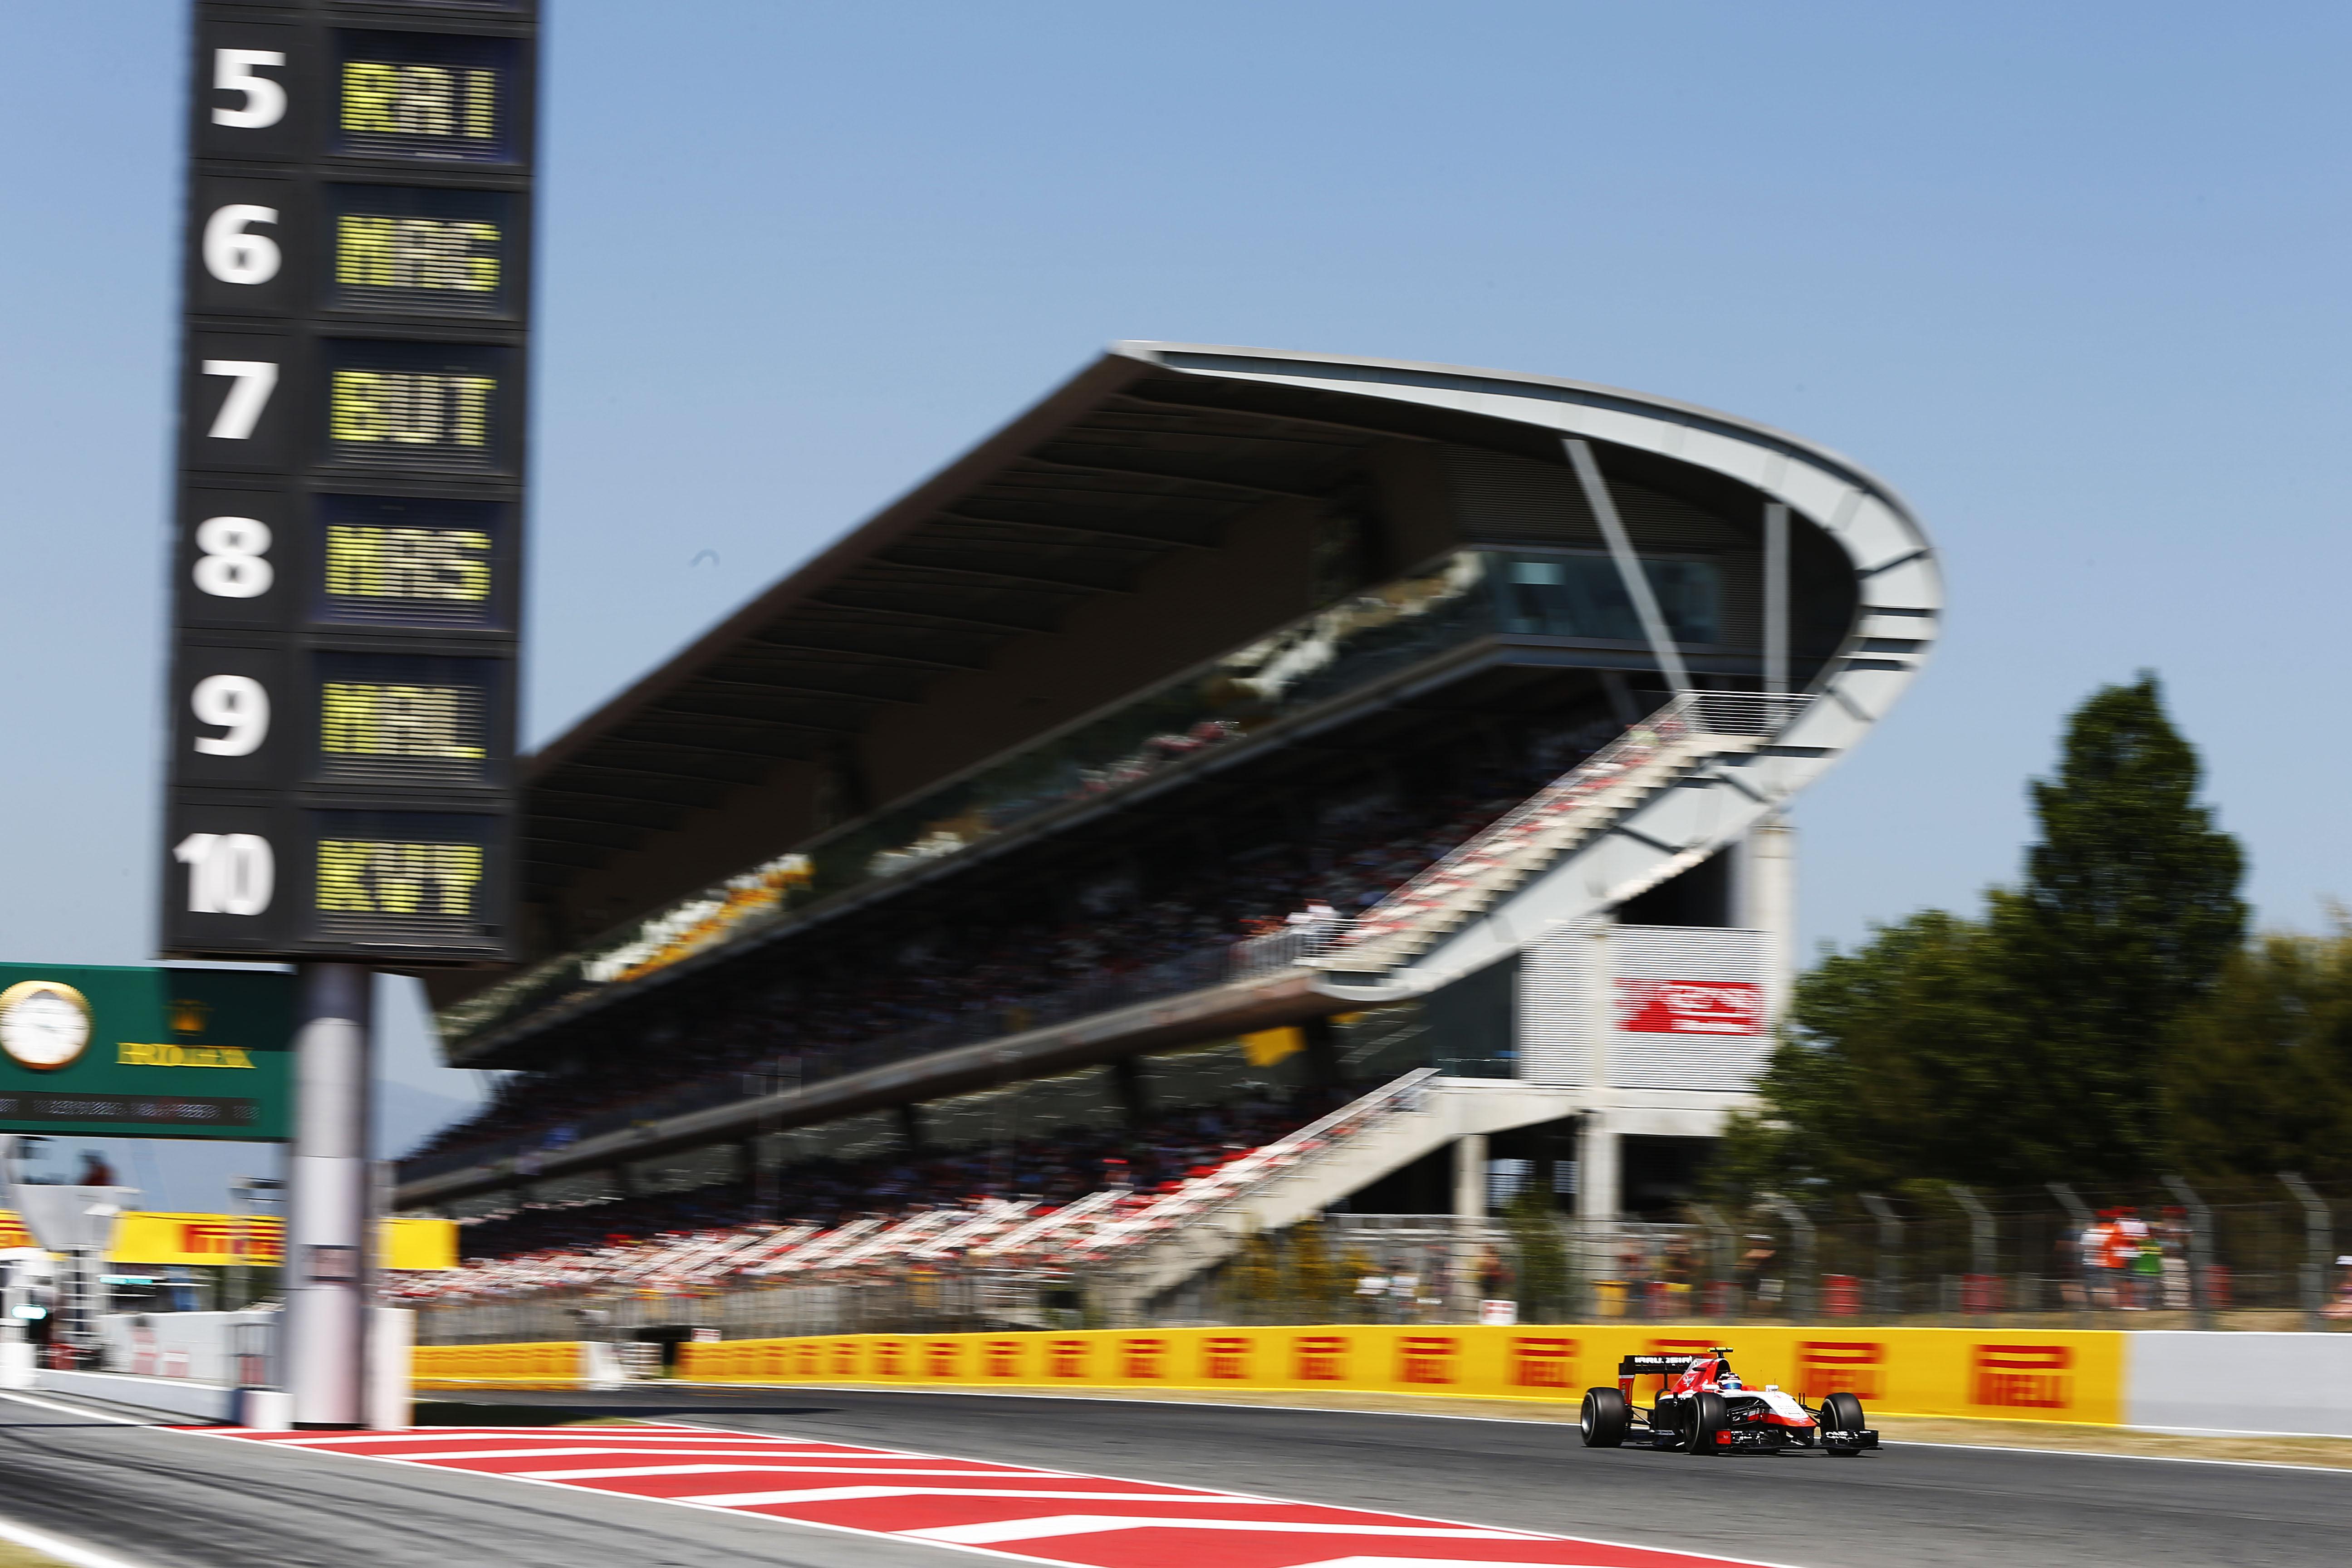 Guida al GP di Spagna: scheda e orari TV